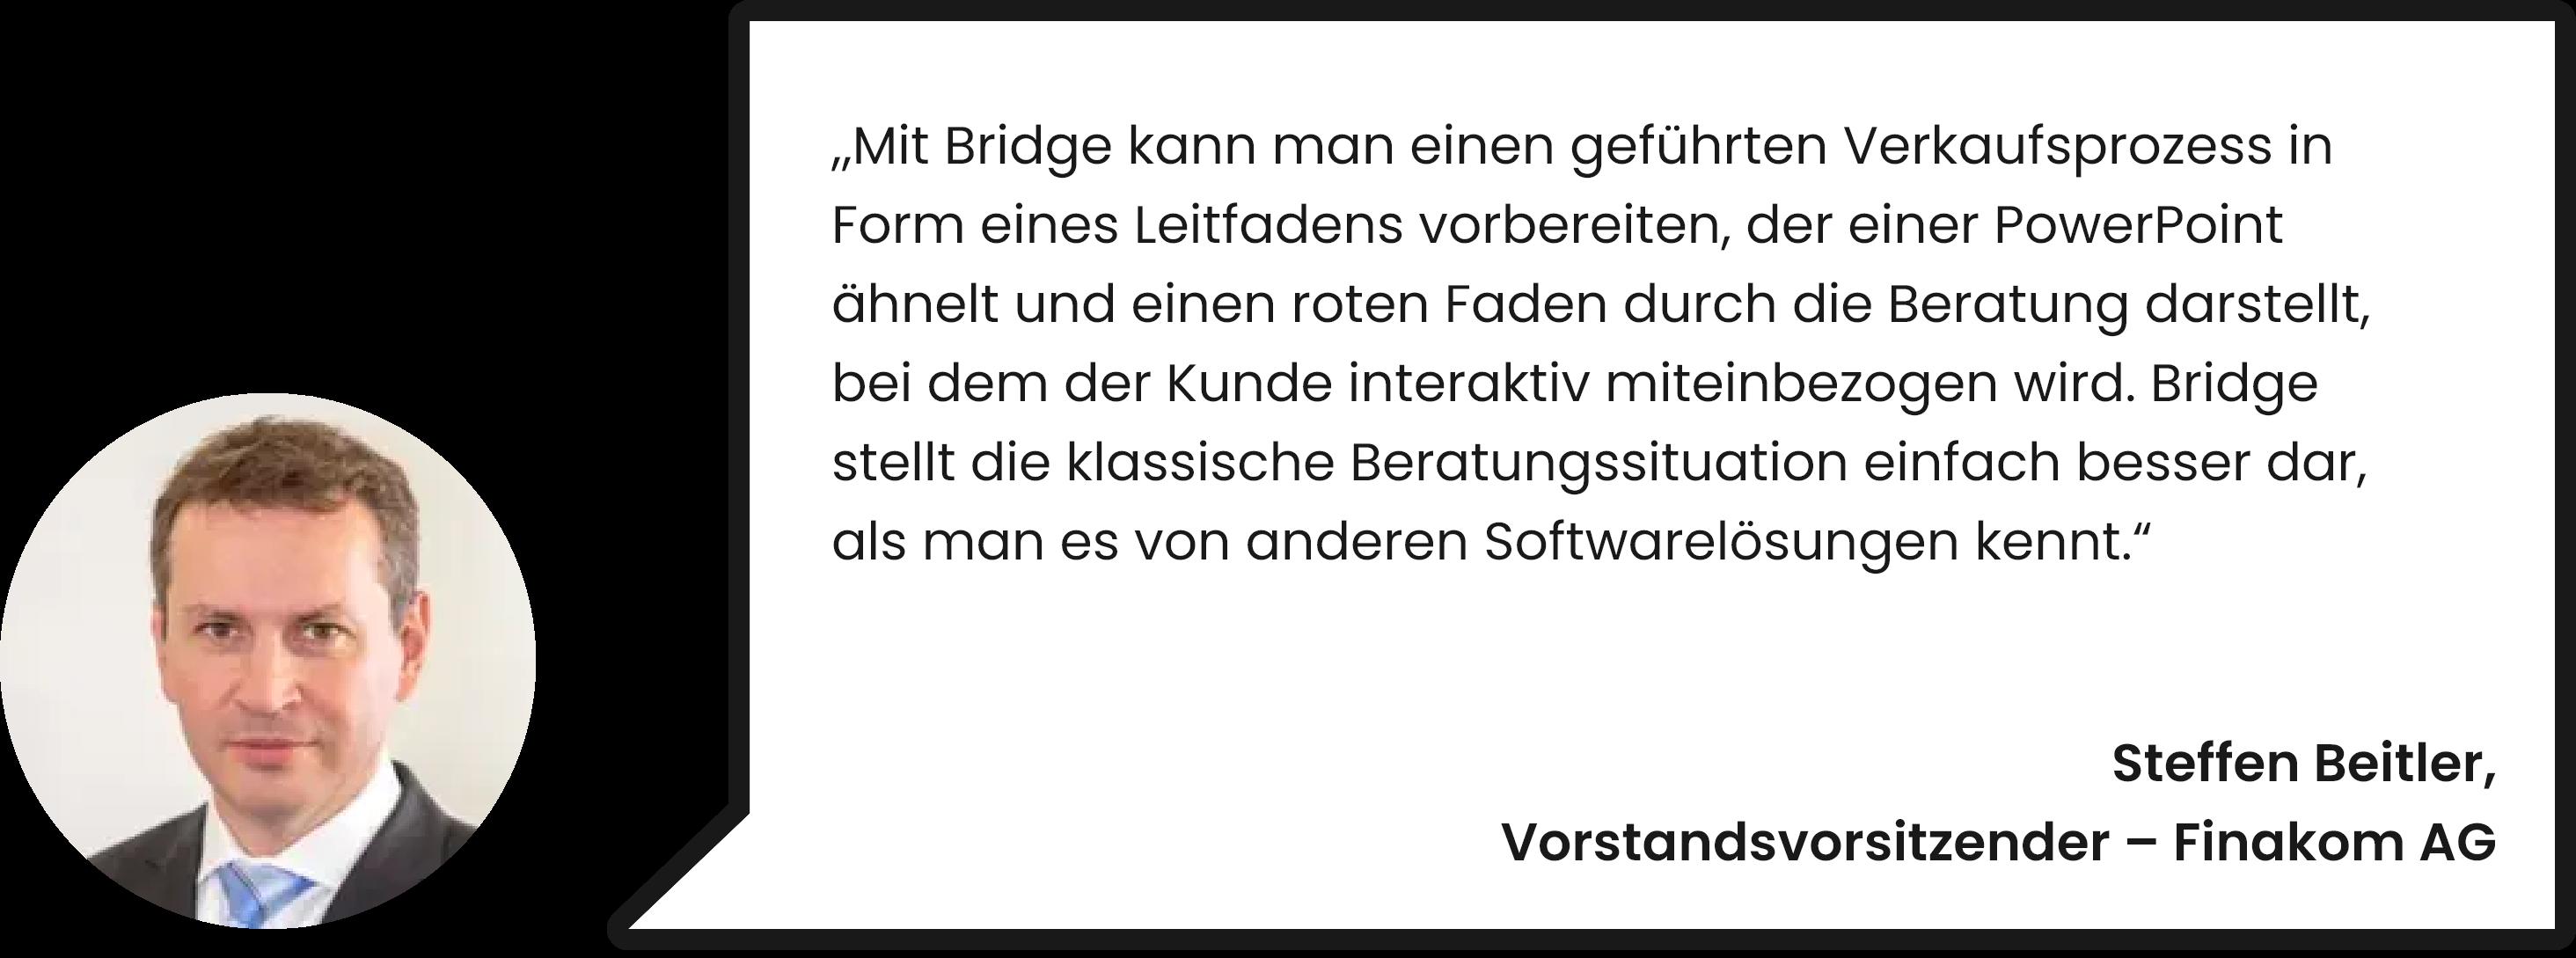 mobil-bild-zitat-1-bridge-kunde-maklerpool-finakom-roter-faden-digitale-beratung